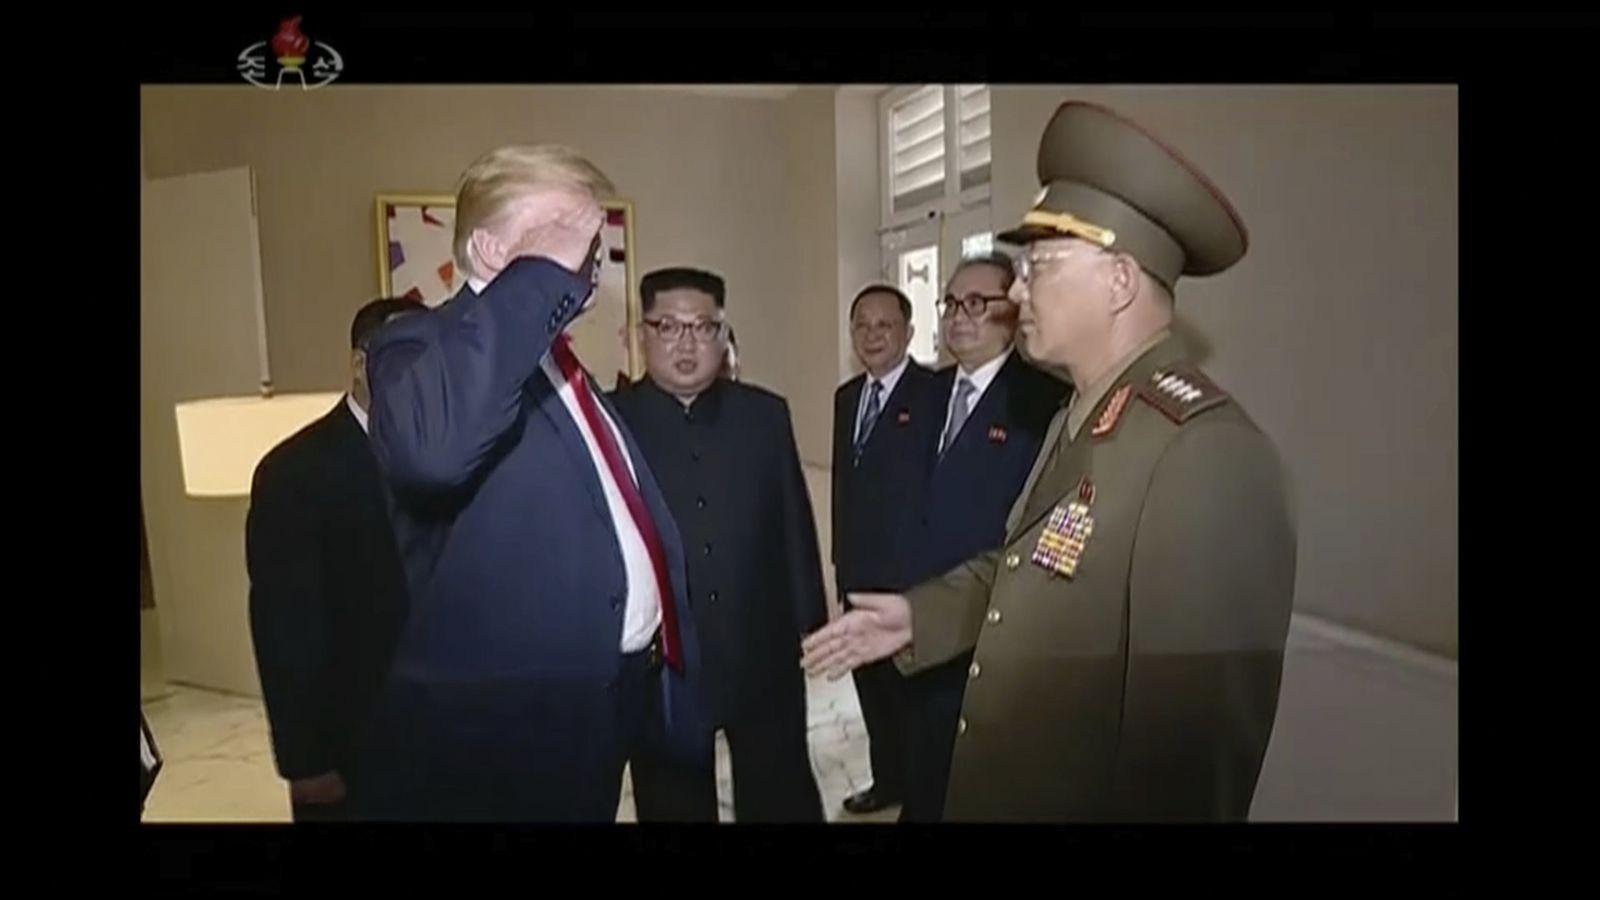 Trump/ General/ Salutieren